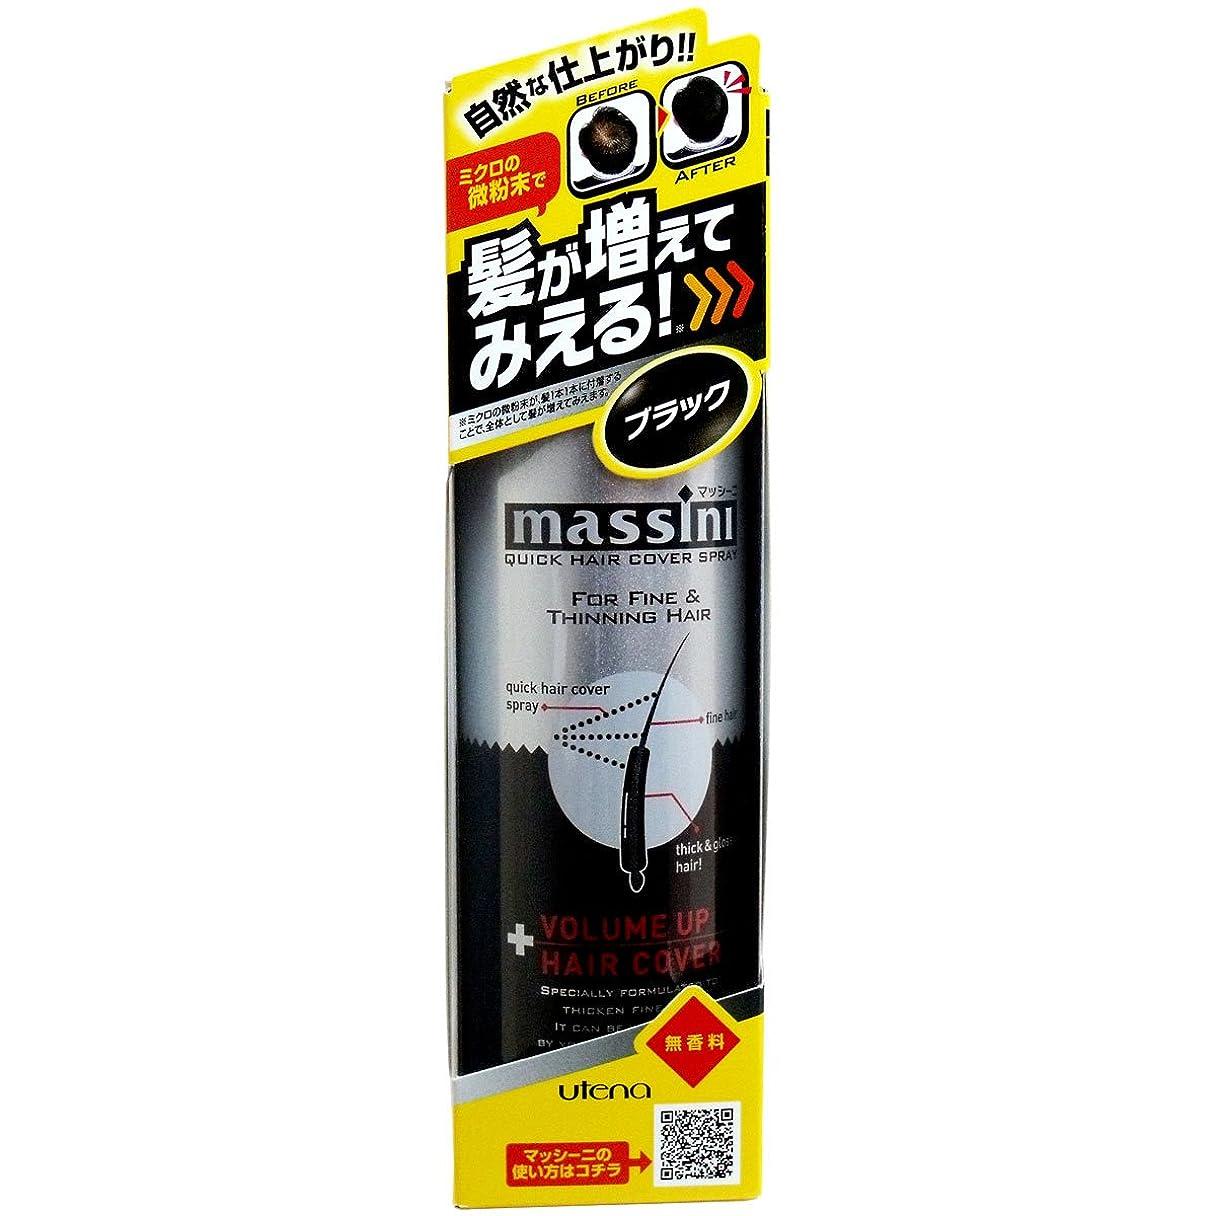 のスコア抑制するシャワー【ウテナ】マッシーニ クィックヘアカバースプレー(ブラック) 140g ×3個セット